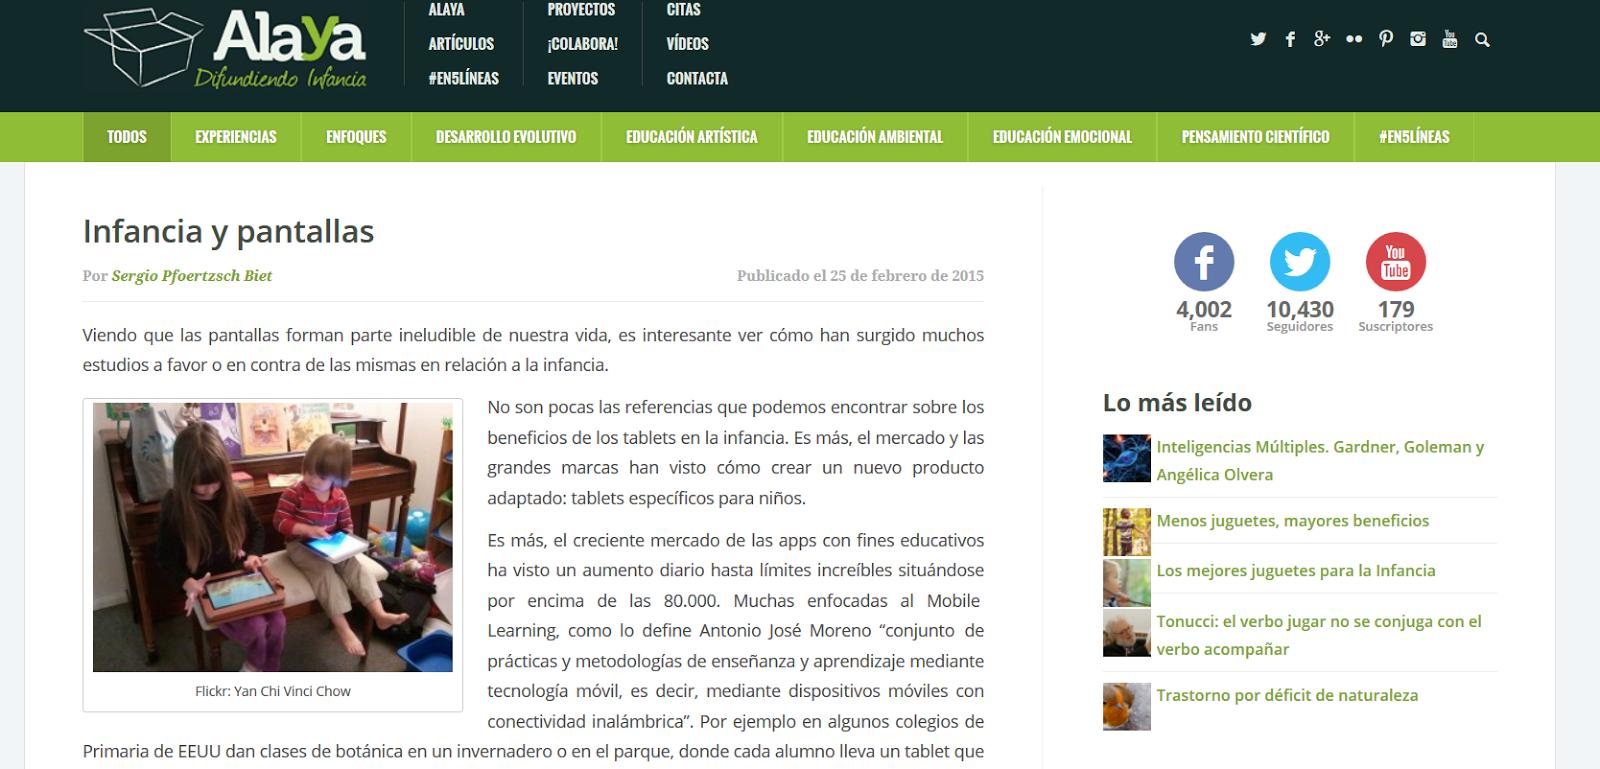 http://www.alaya.es/2015/02/25/infancia-y-pantallas/